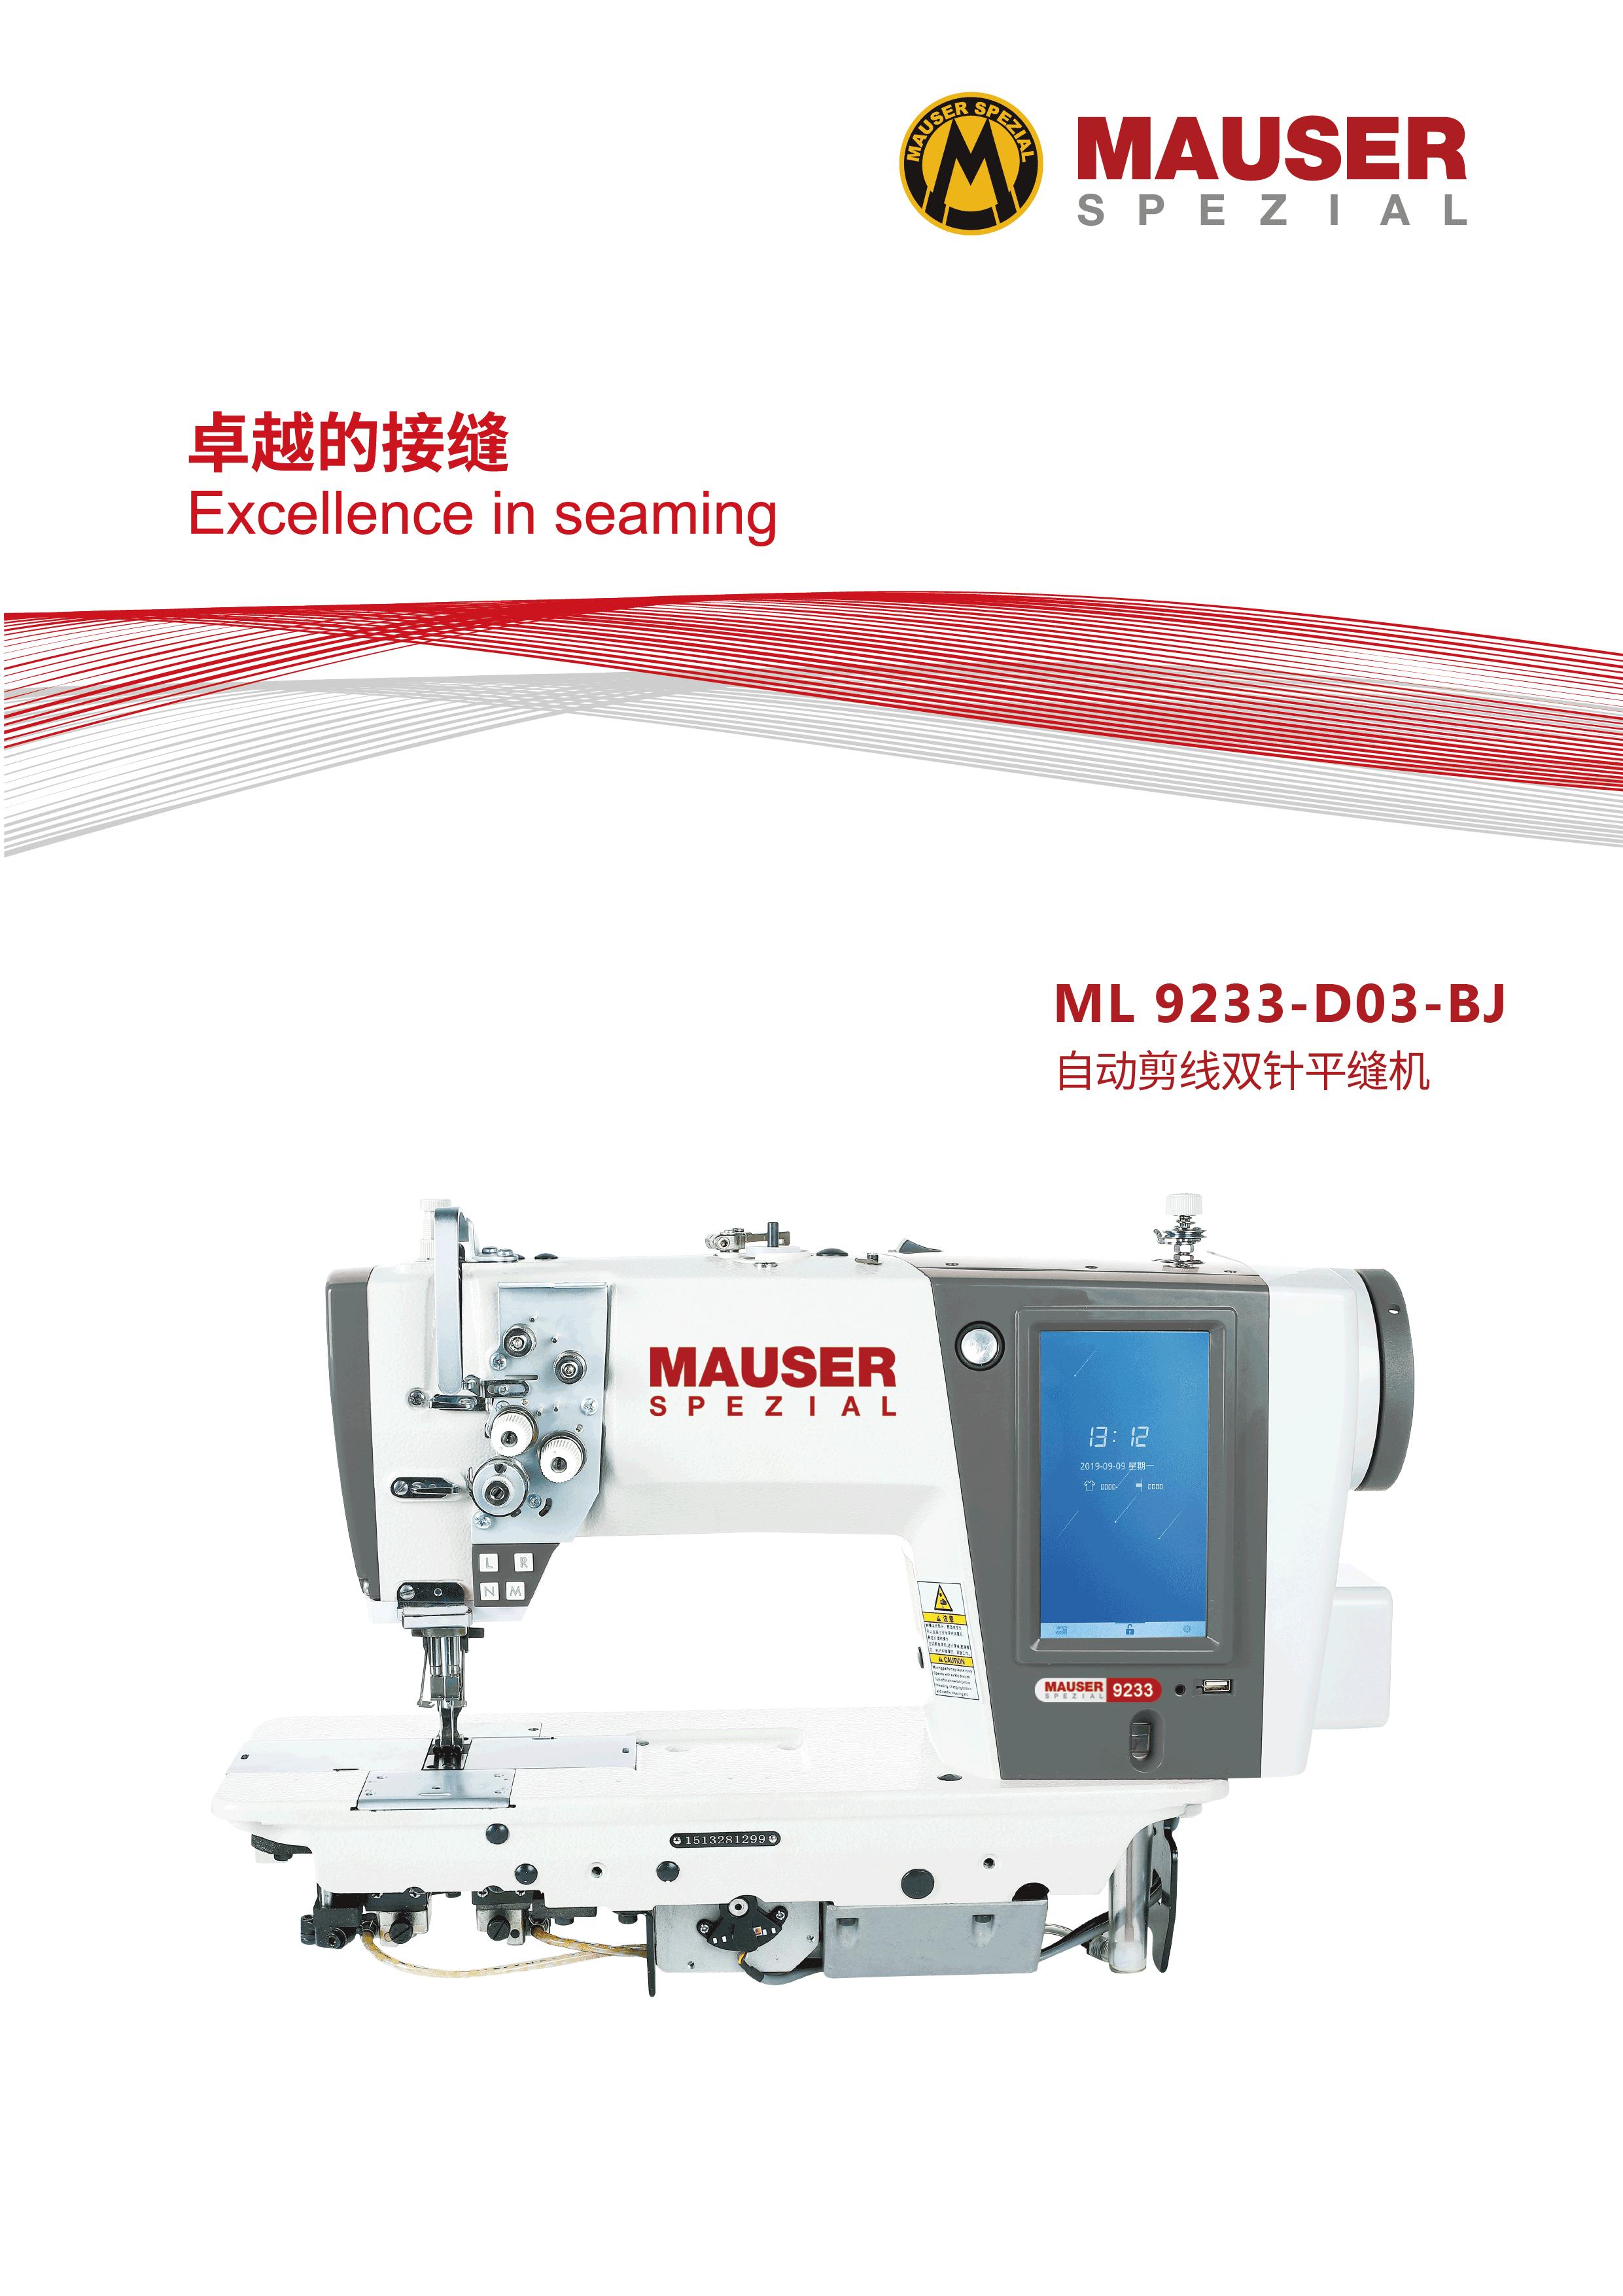 自动剪线双针平缝机 ML9233-D03-BJ